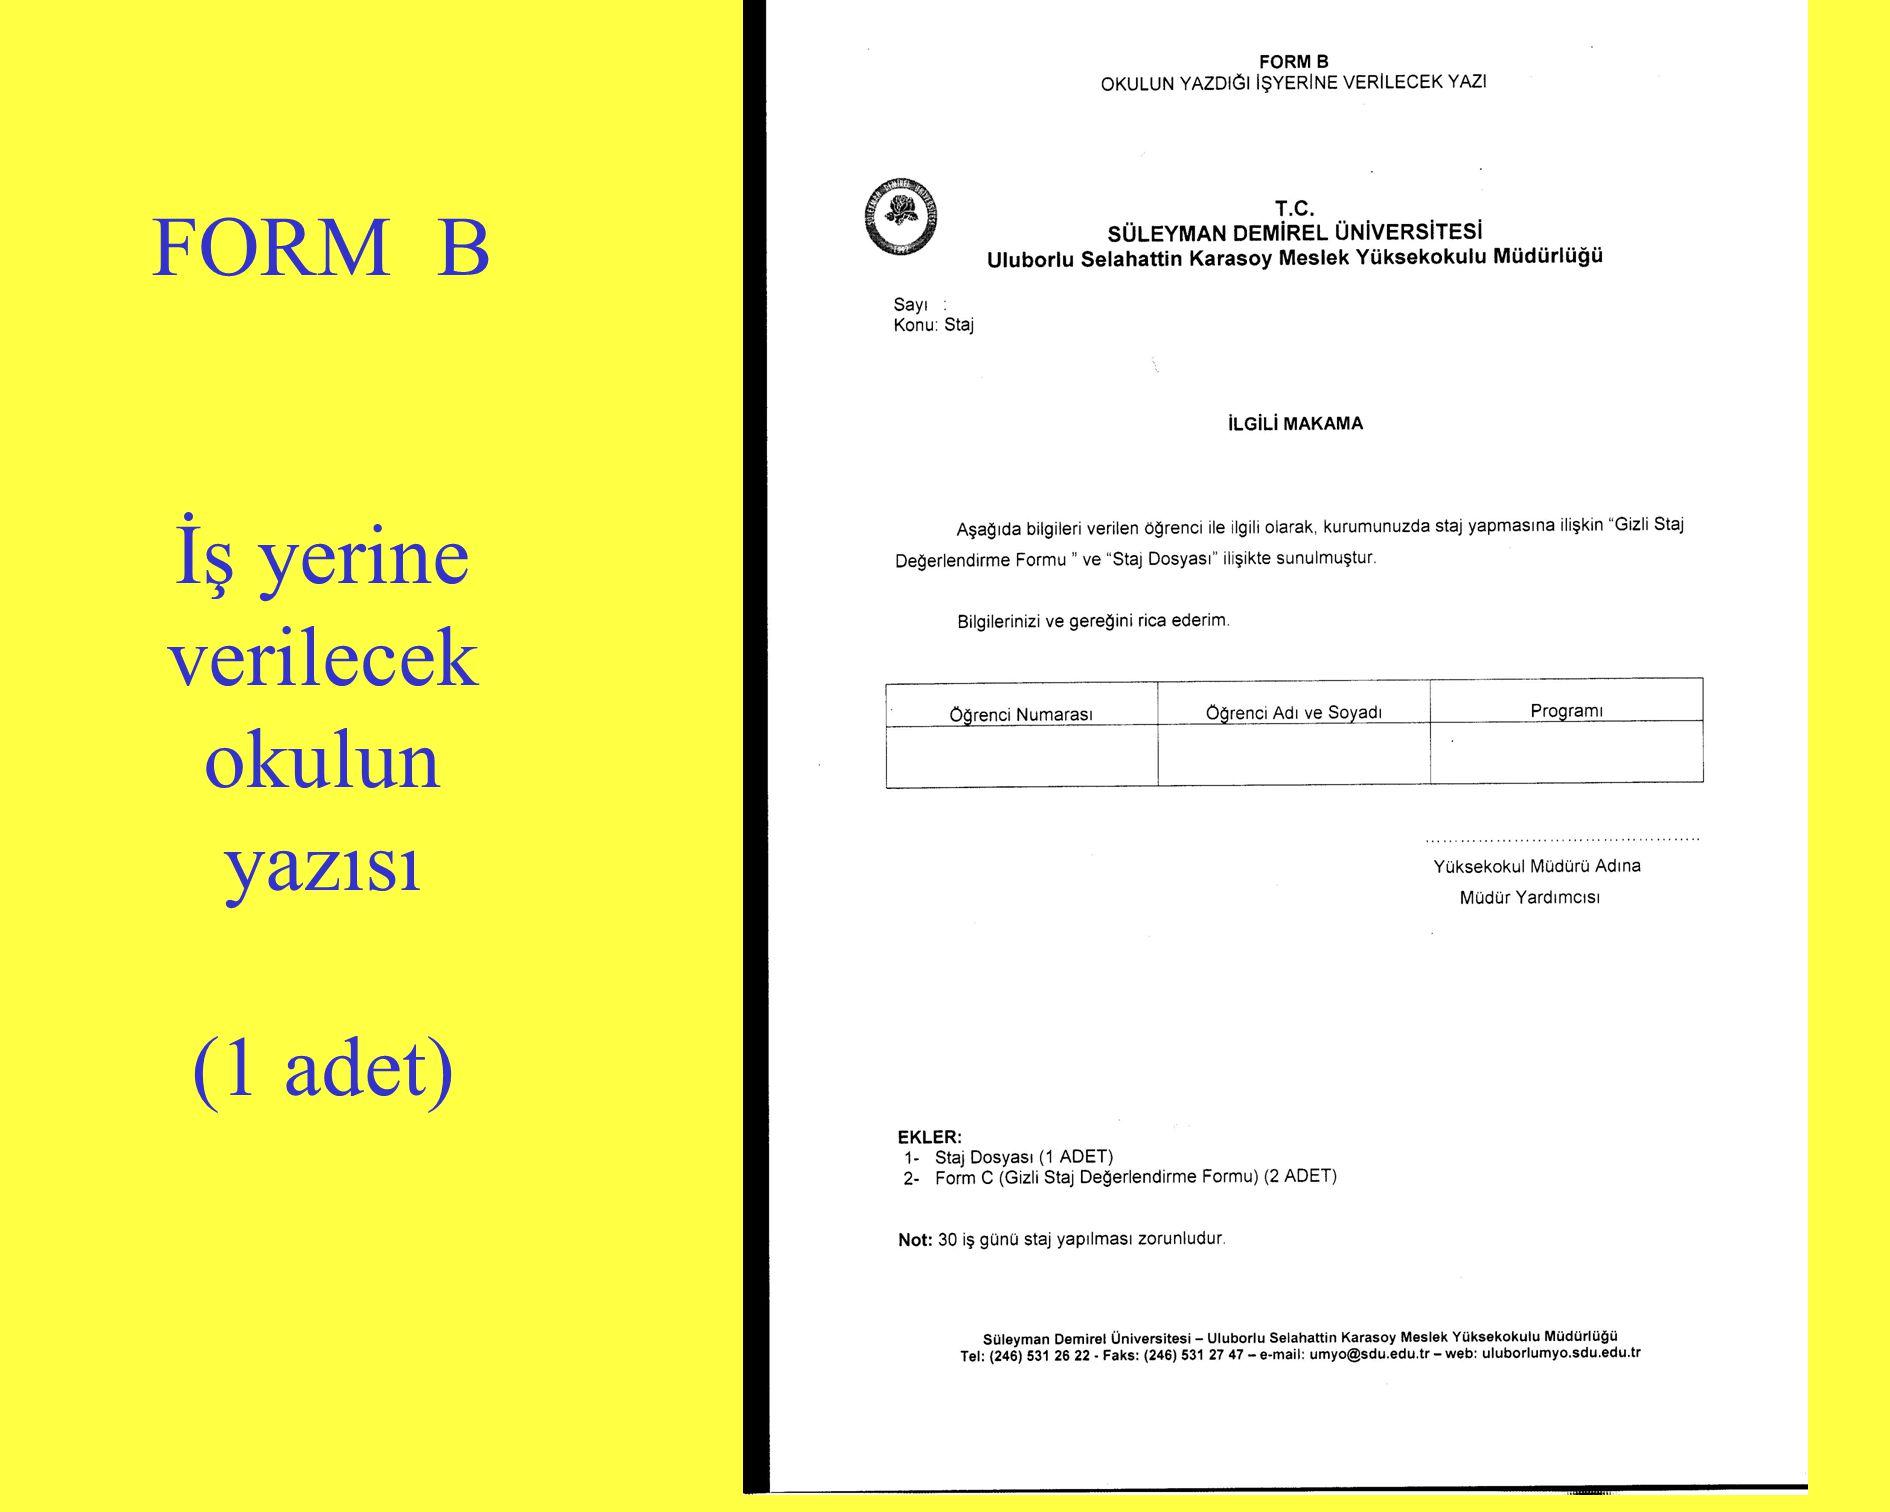 FORM B İş yerine verilecek okulun yazısı (1 adet)